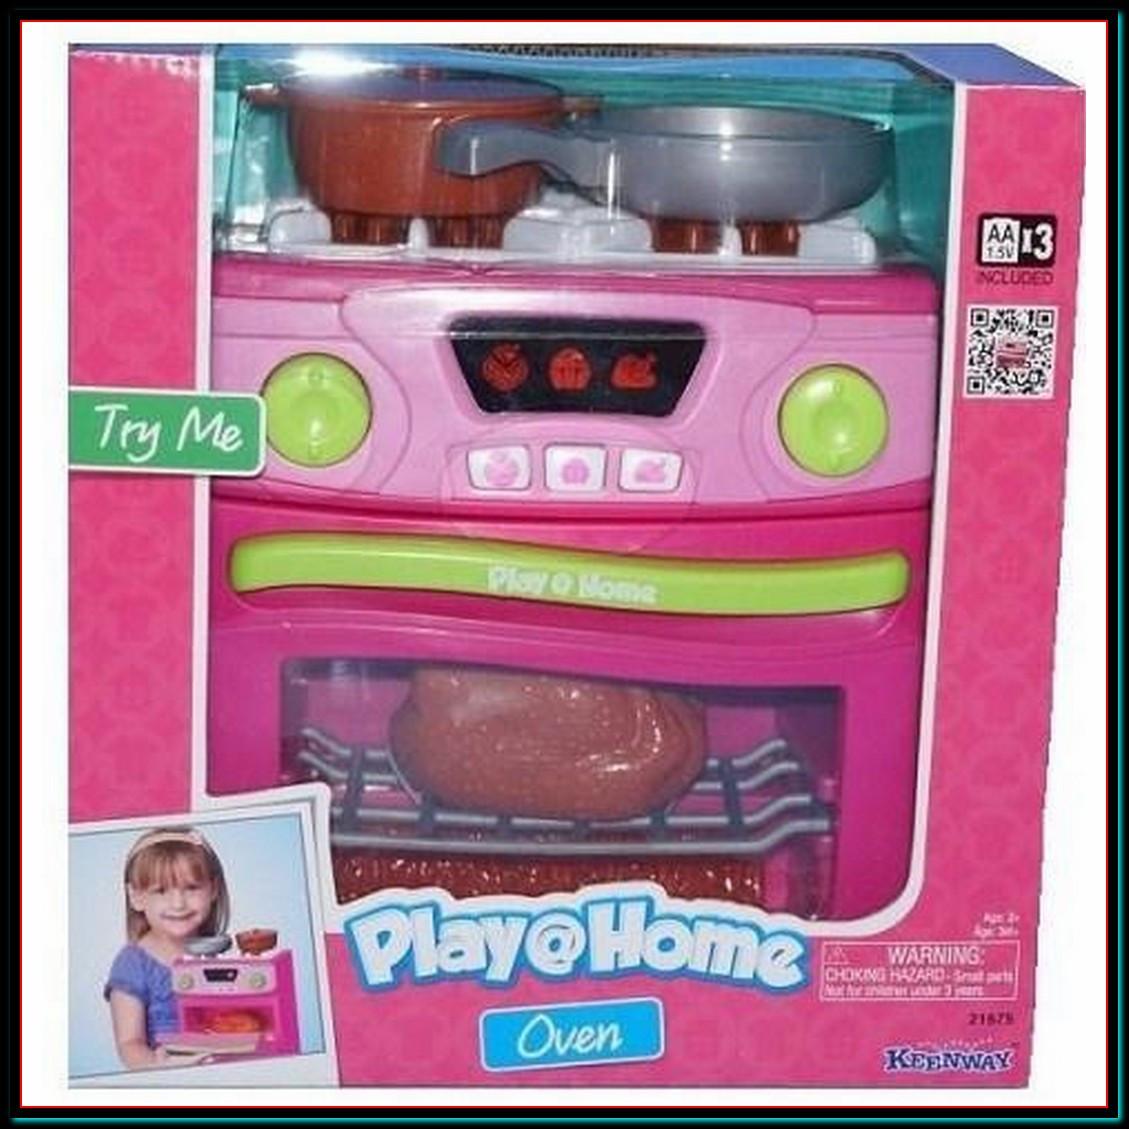 Детская игрушечная плита keenway 21675